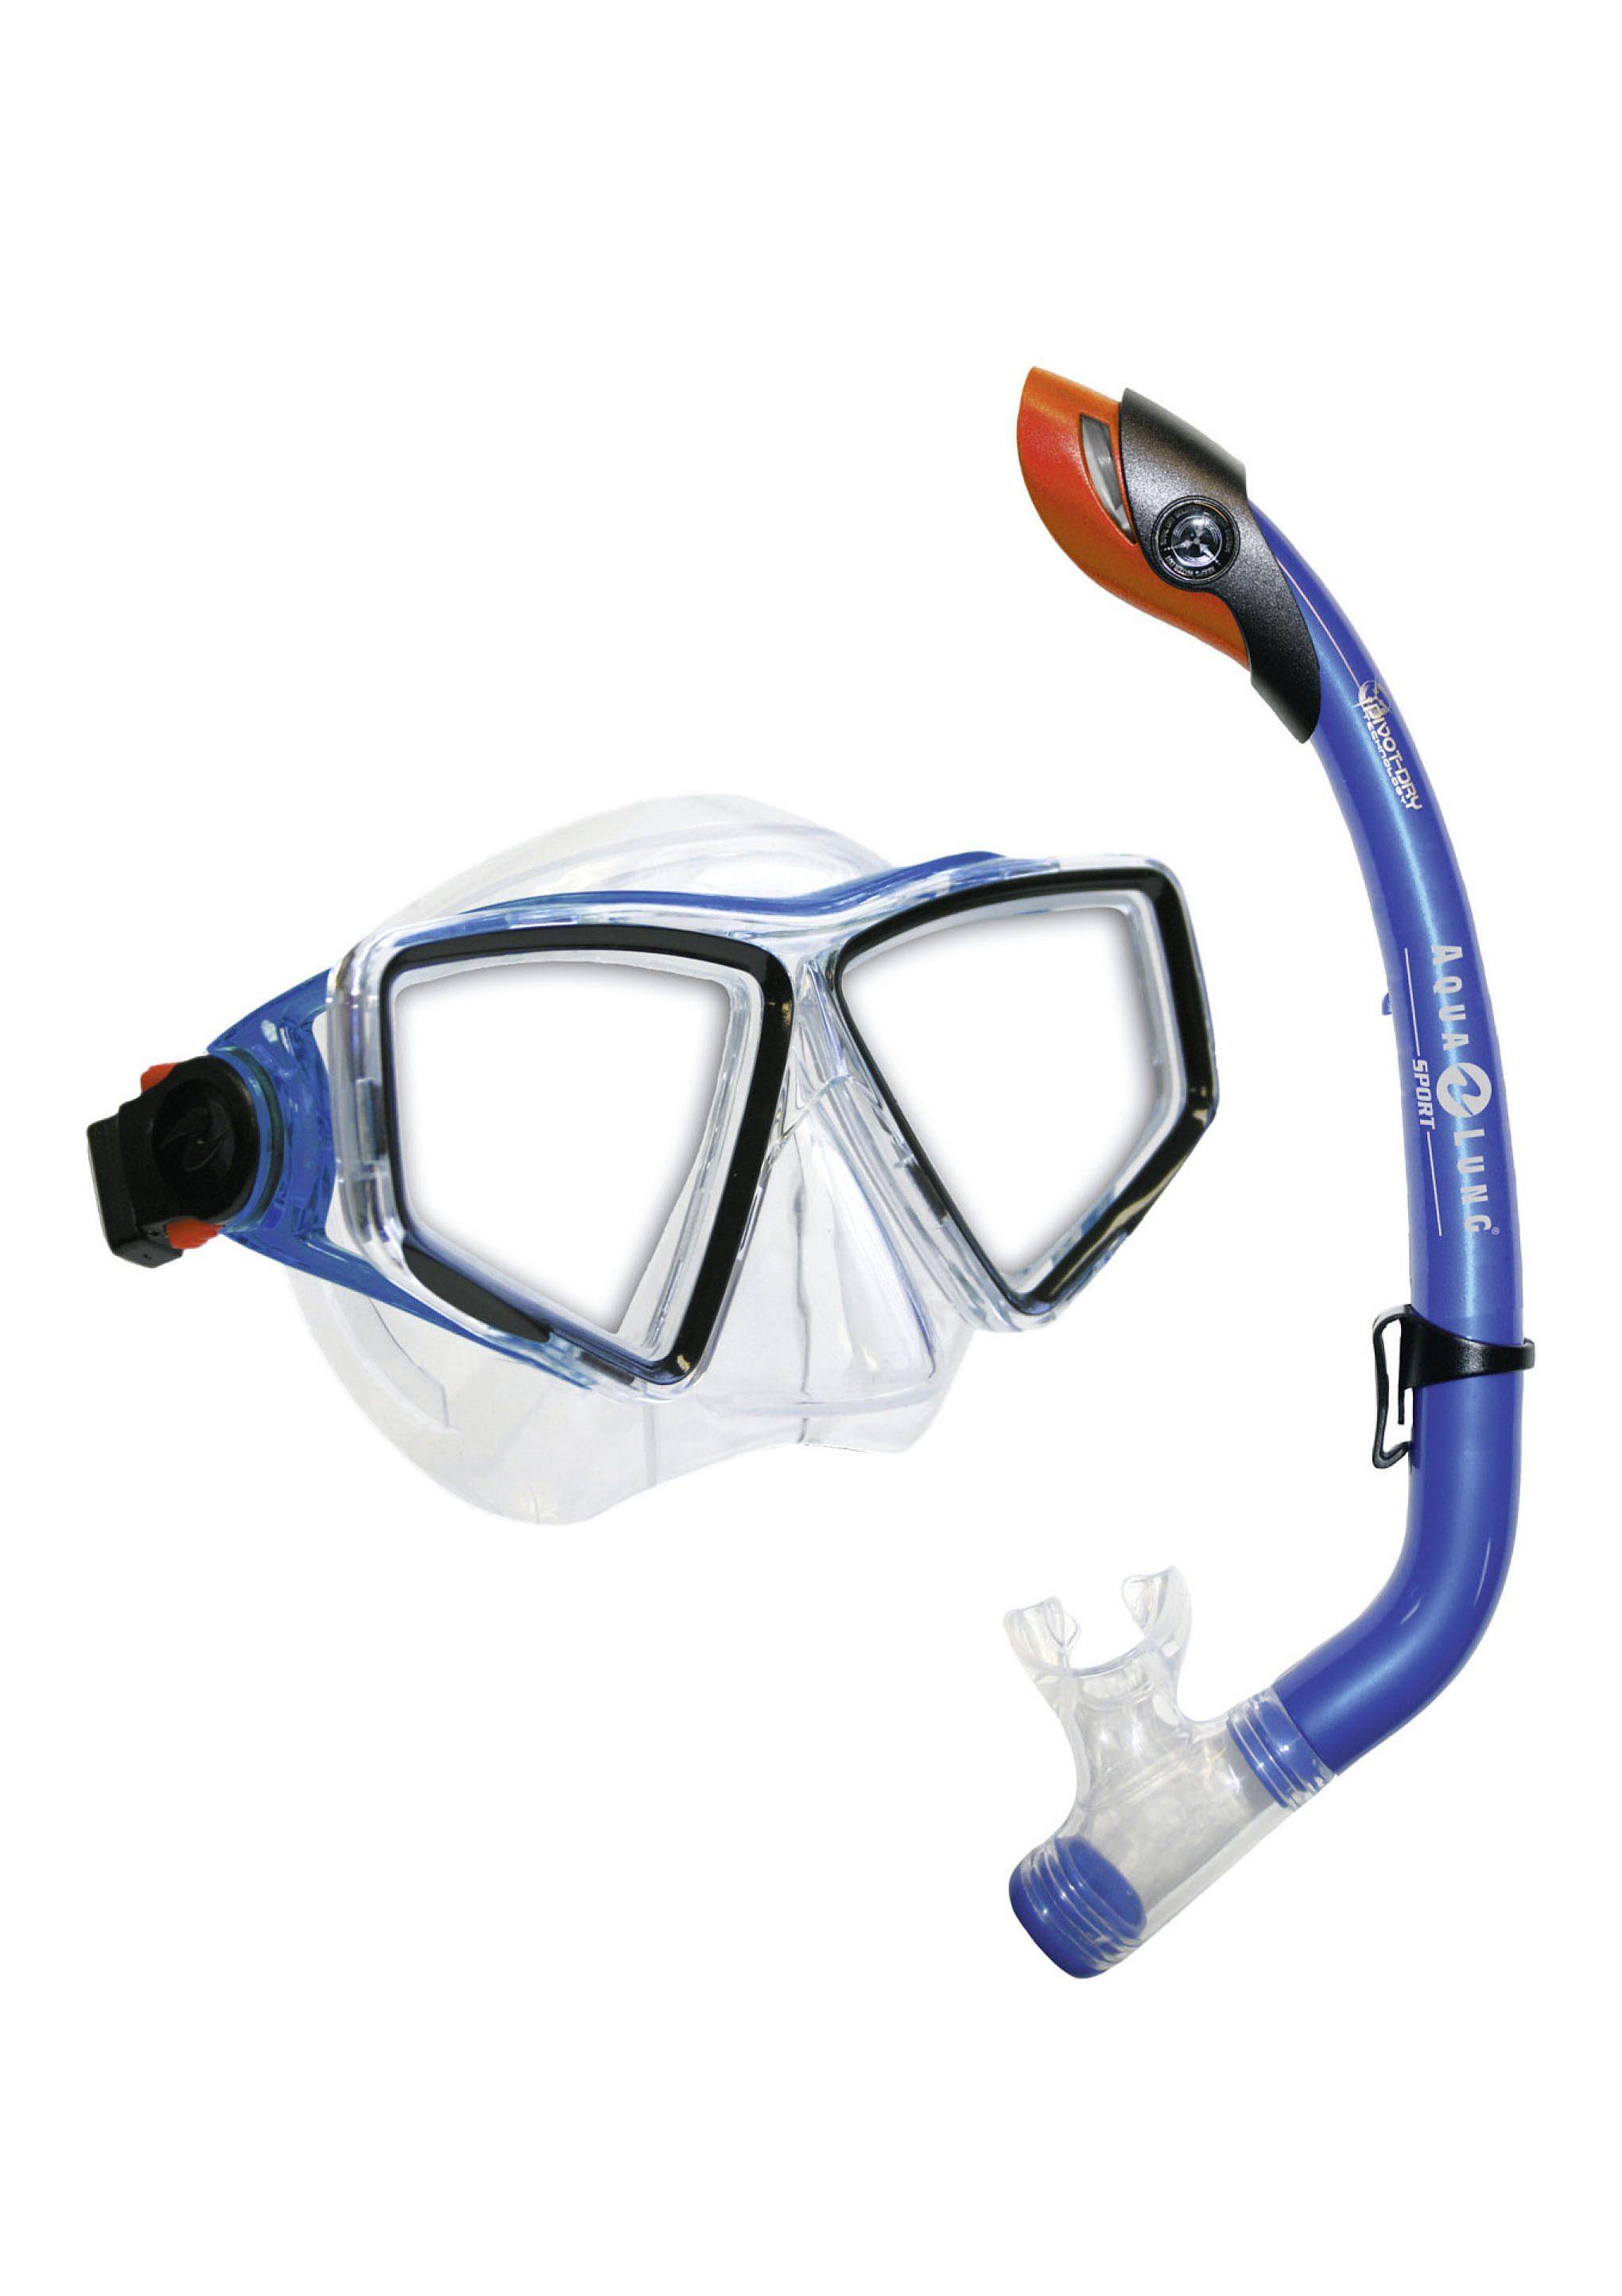 2er SET Tauchmaske & Schnorchel, Aqua Lung Sport, »LANAI LX/ PARADISE PRO JR.«